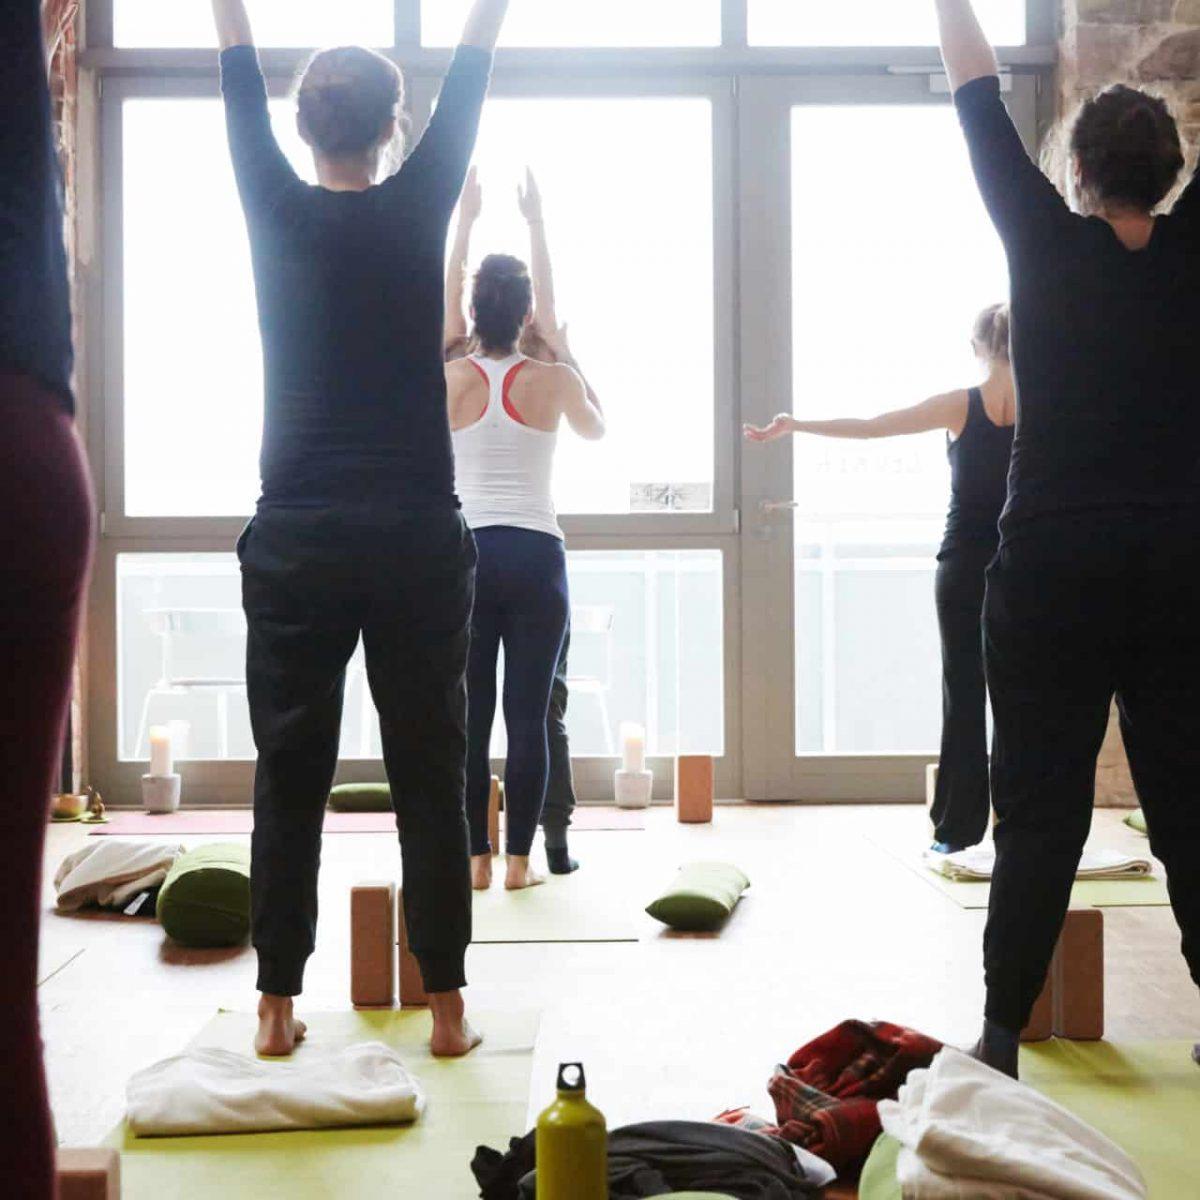 YogaManufaktur_Wuerzburg_Buergerbraeugelaende_Prenatal_Yoga_vor_der_Geburt_in_der_schwangerschaft5